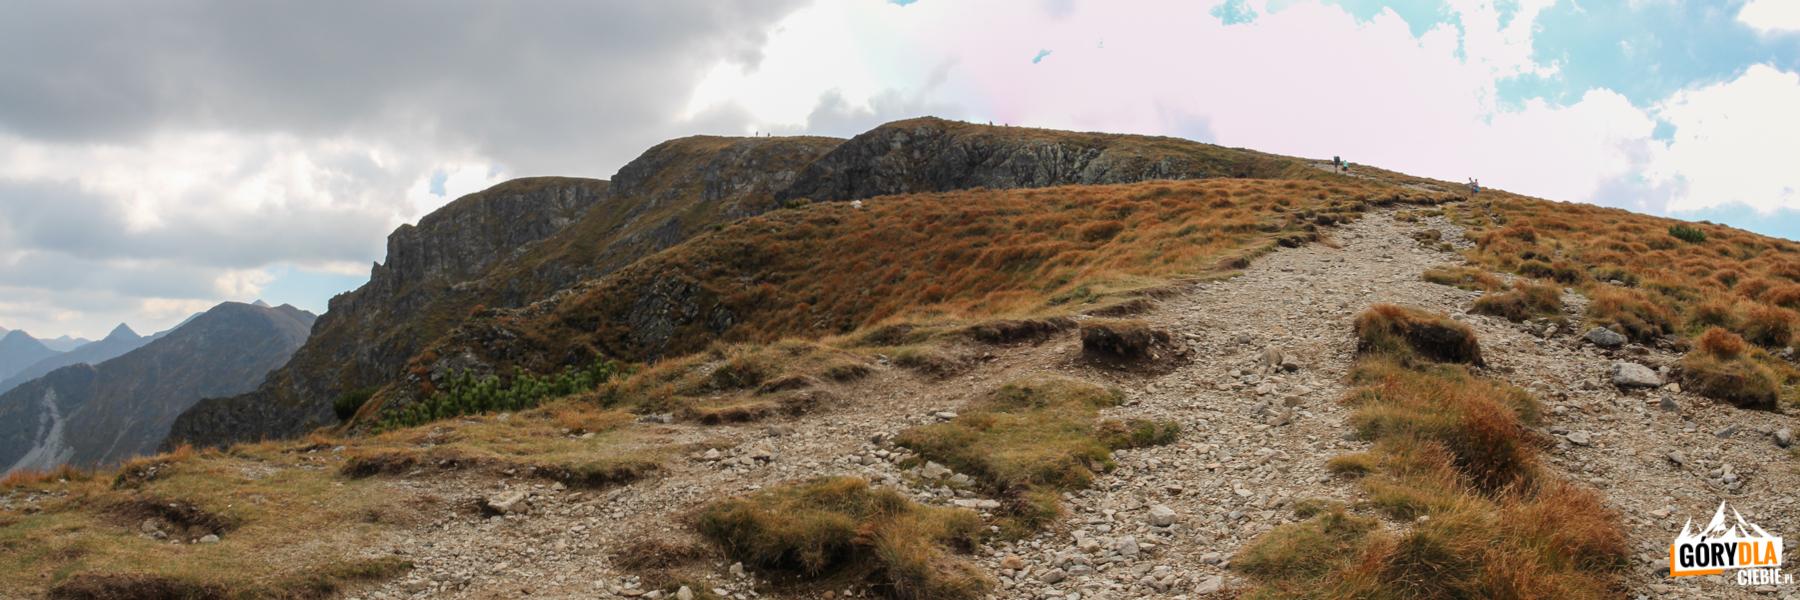 Podejscie naSalatyn (2048 m) zPrzełęczy Salatyńskiej (1870 m)